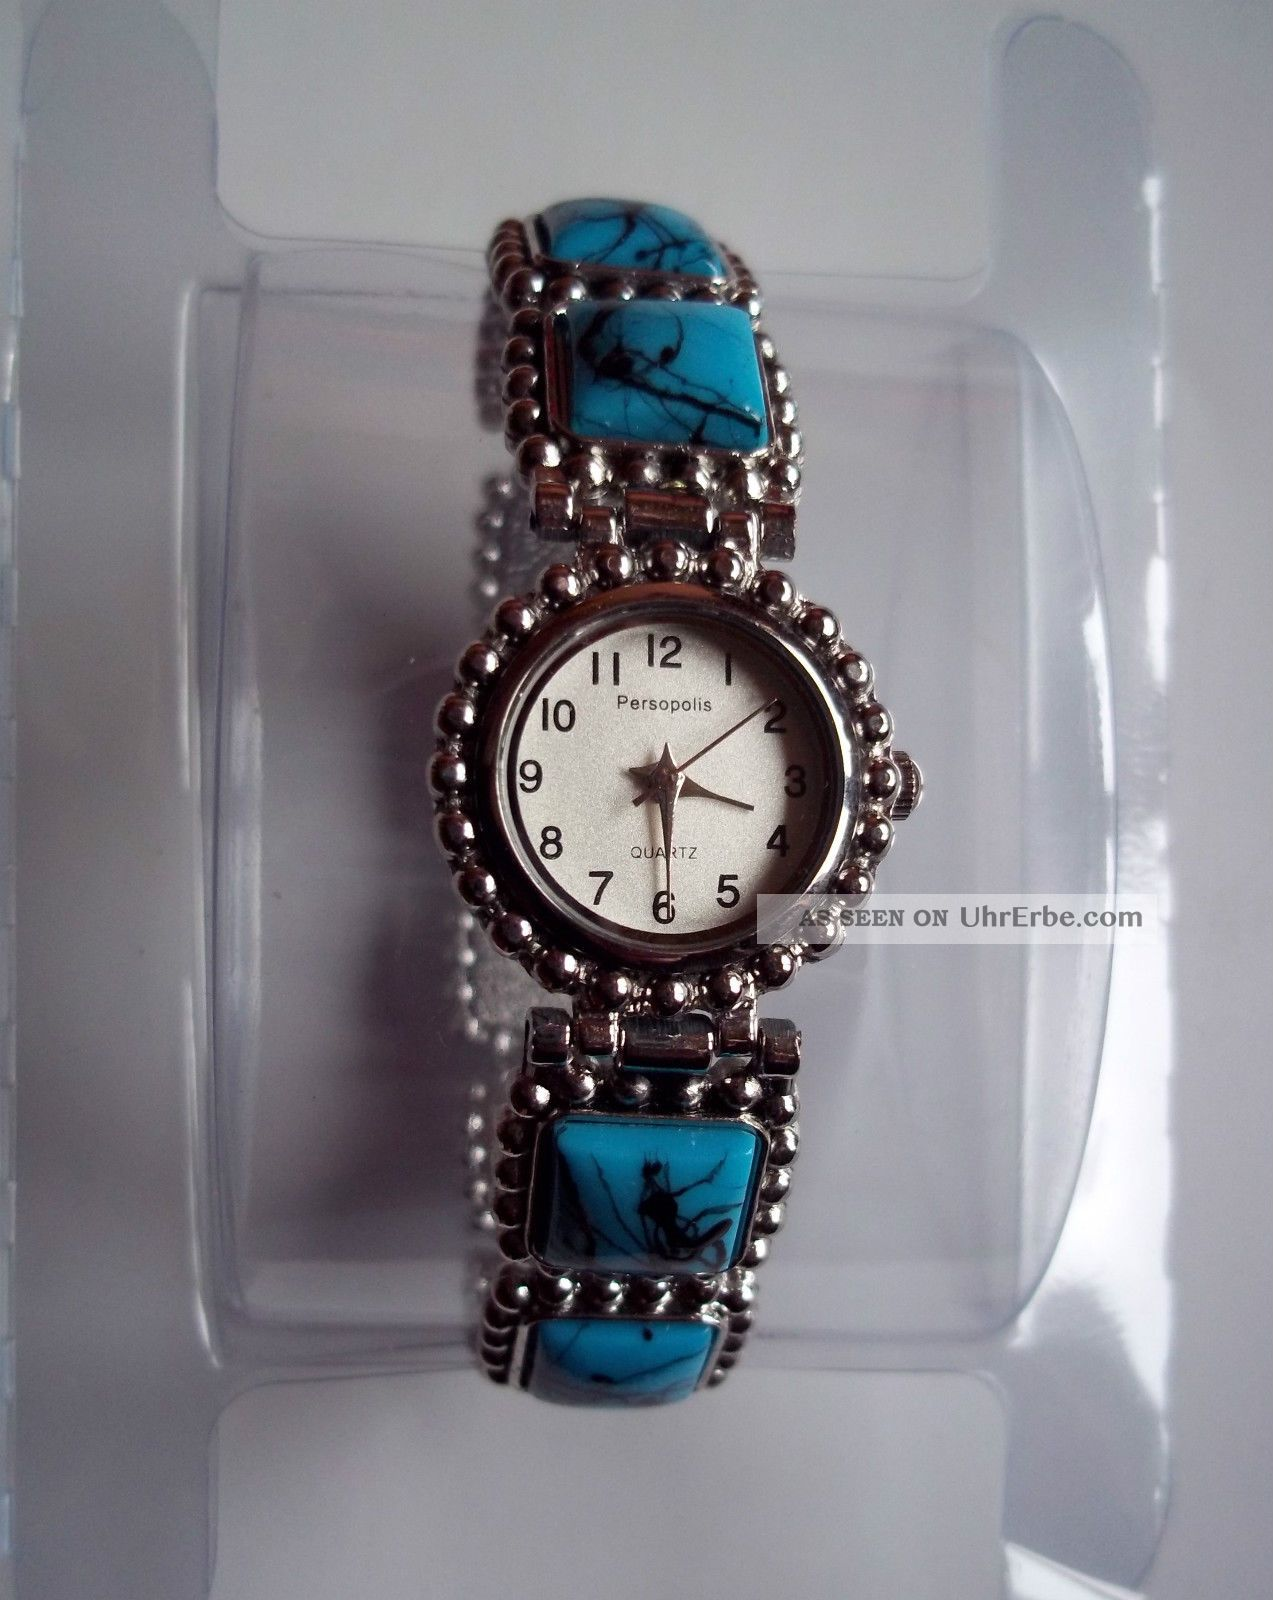 Analog Türkis Edelstahl Steine Dehnbar Armband Elegante Uhr Damen Quarz hrtsQd